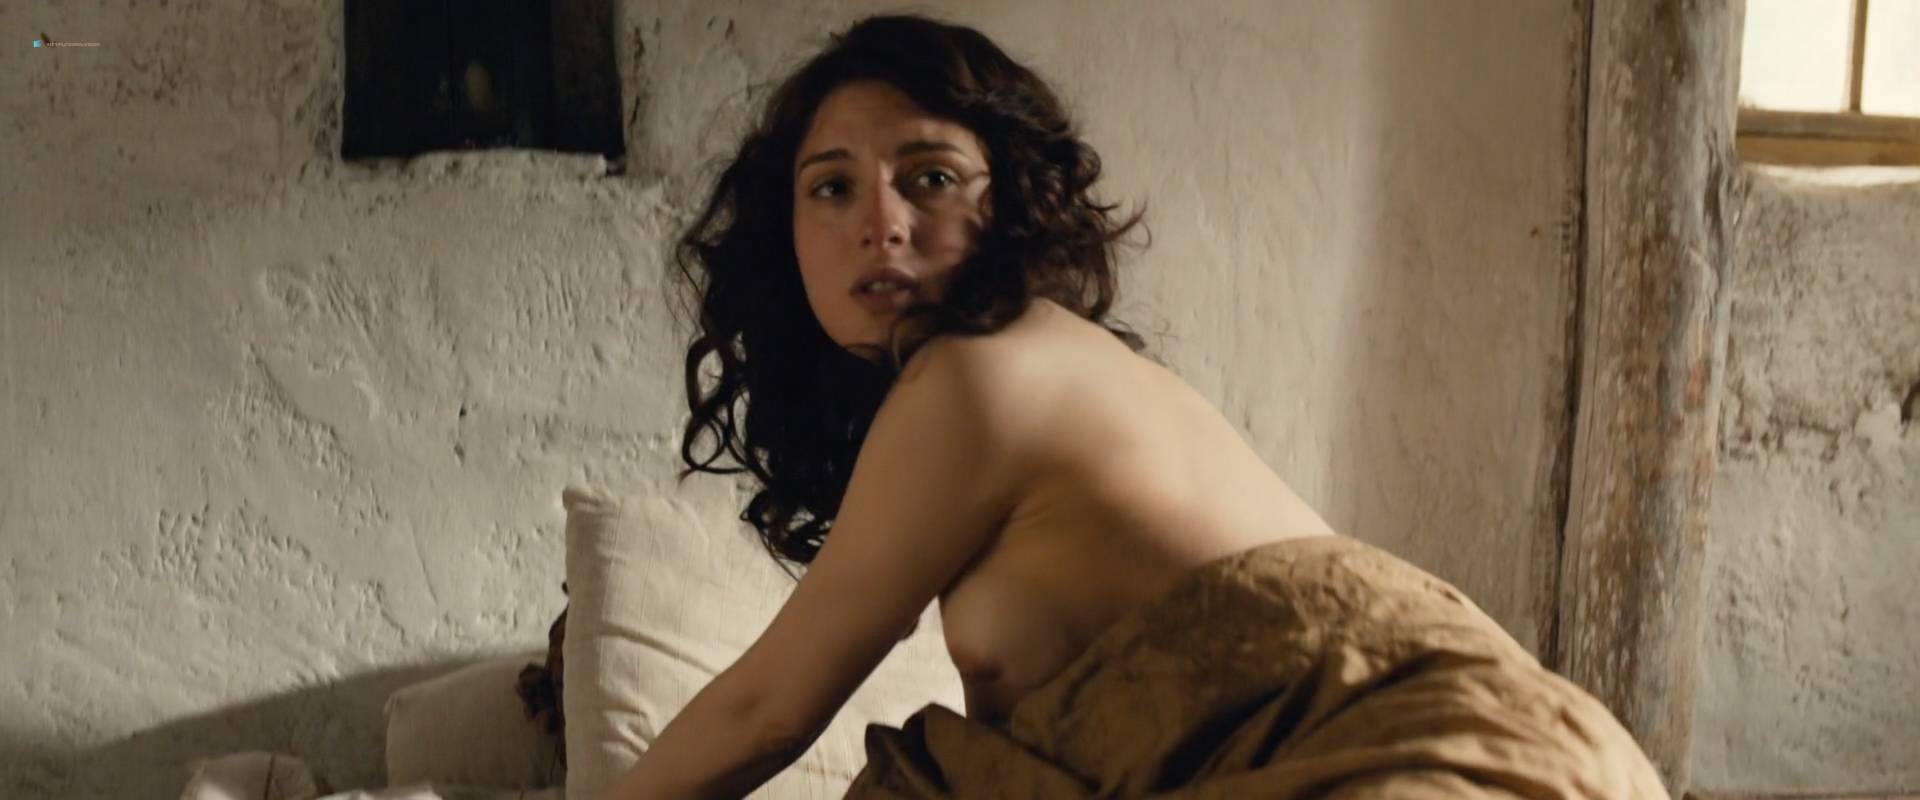 maria klara nude